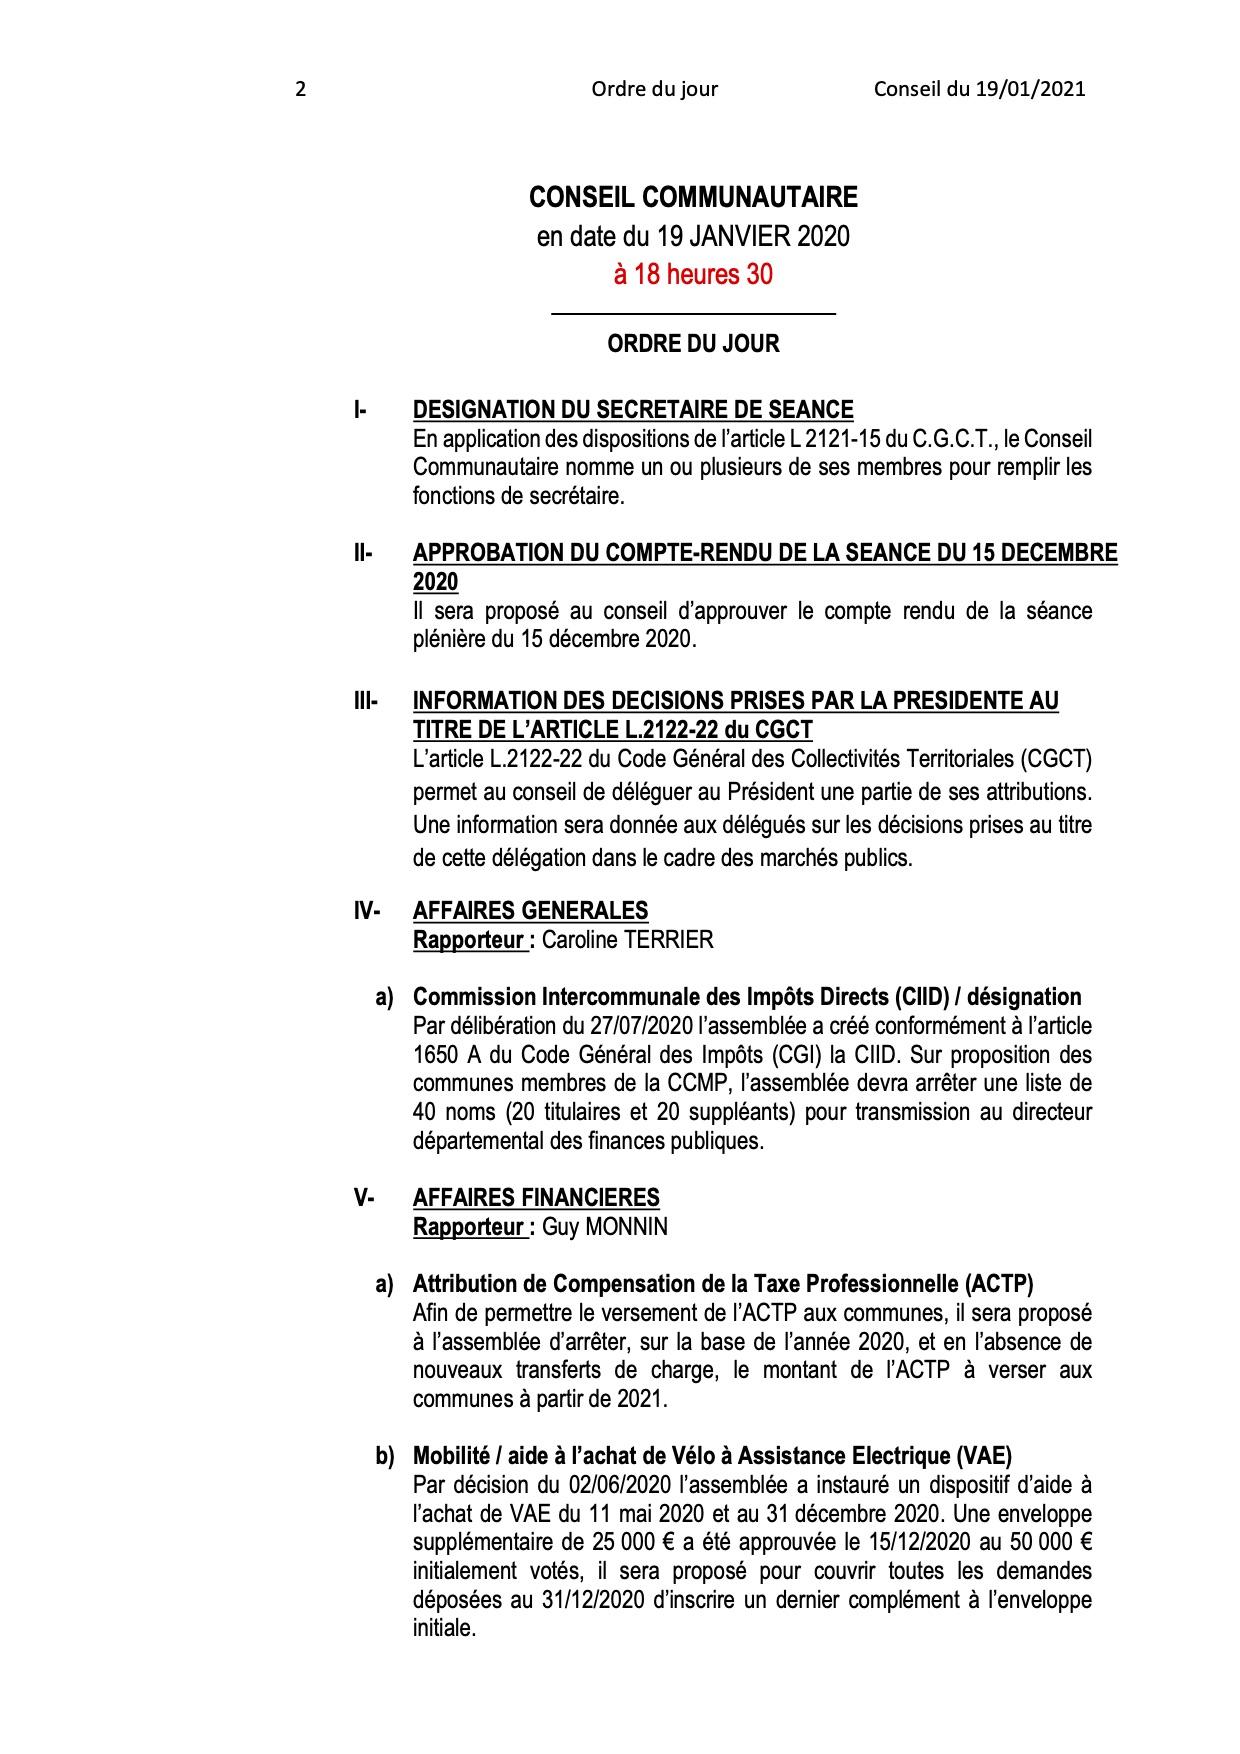 Ordre du jour du Conseil Communautaire